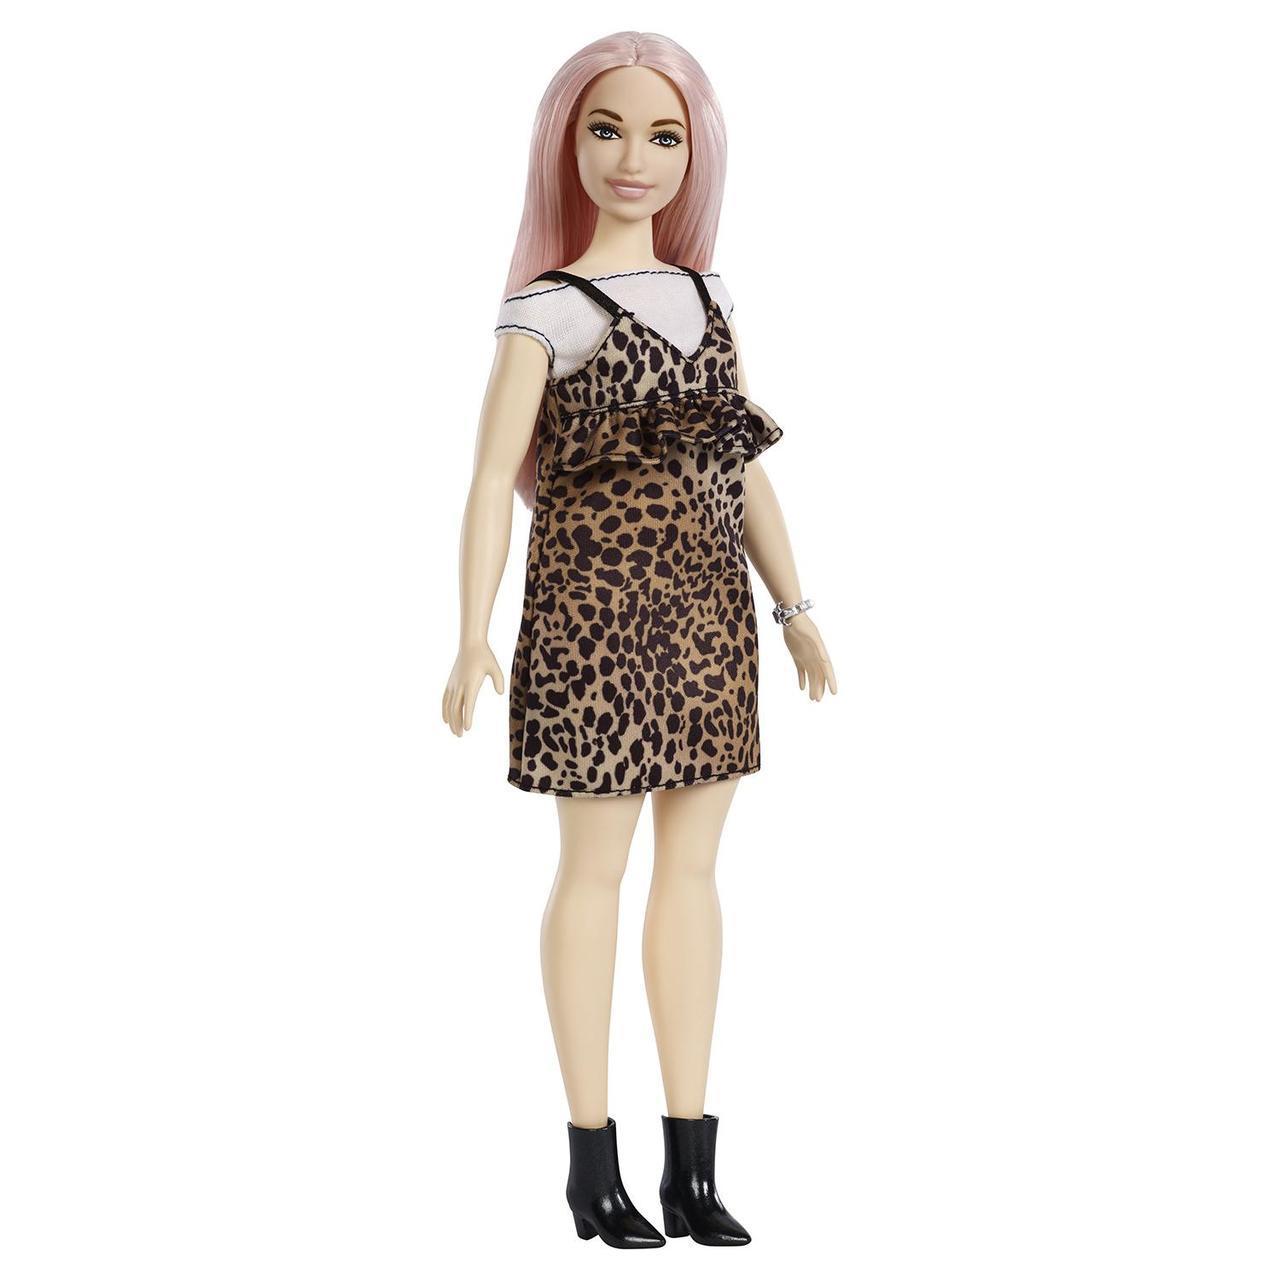 """Barbie """"Игра с модой"""" Кукла Барби в леопардовом #109 (Пышная)"""